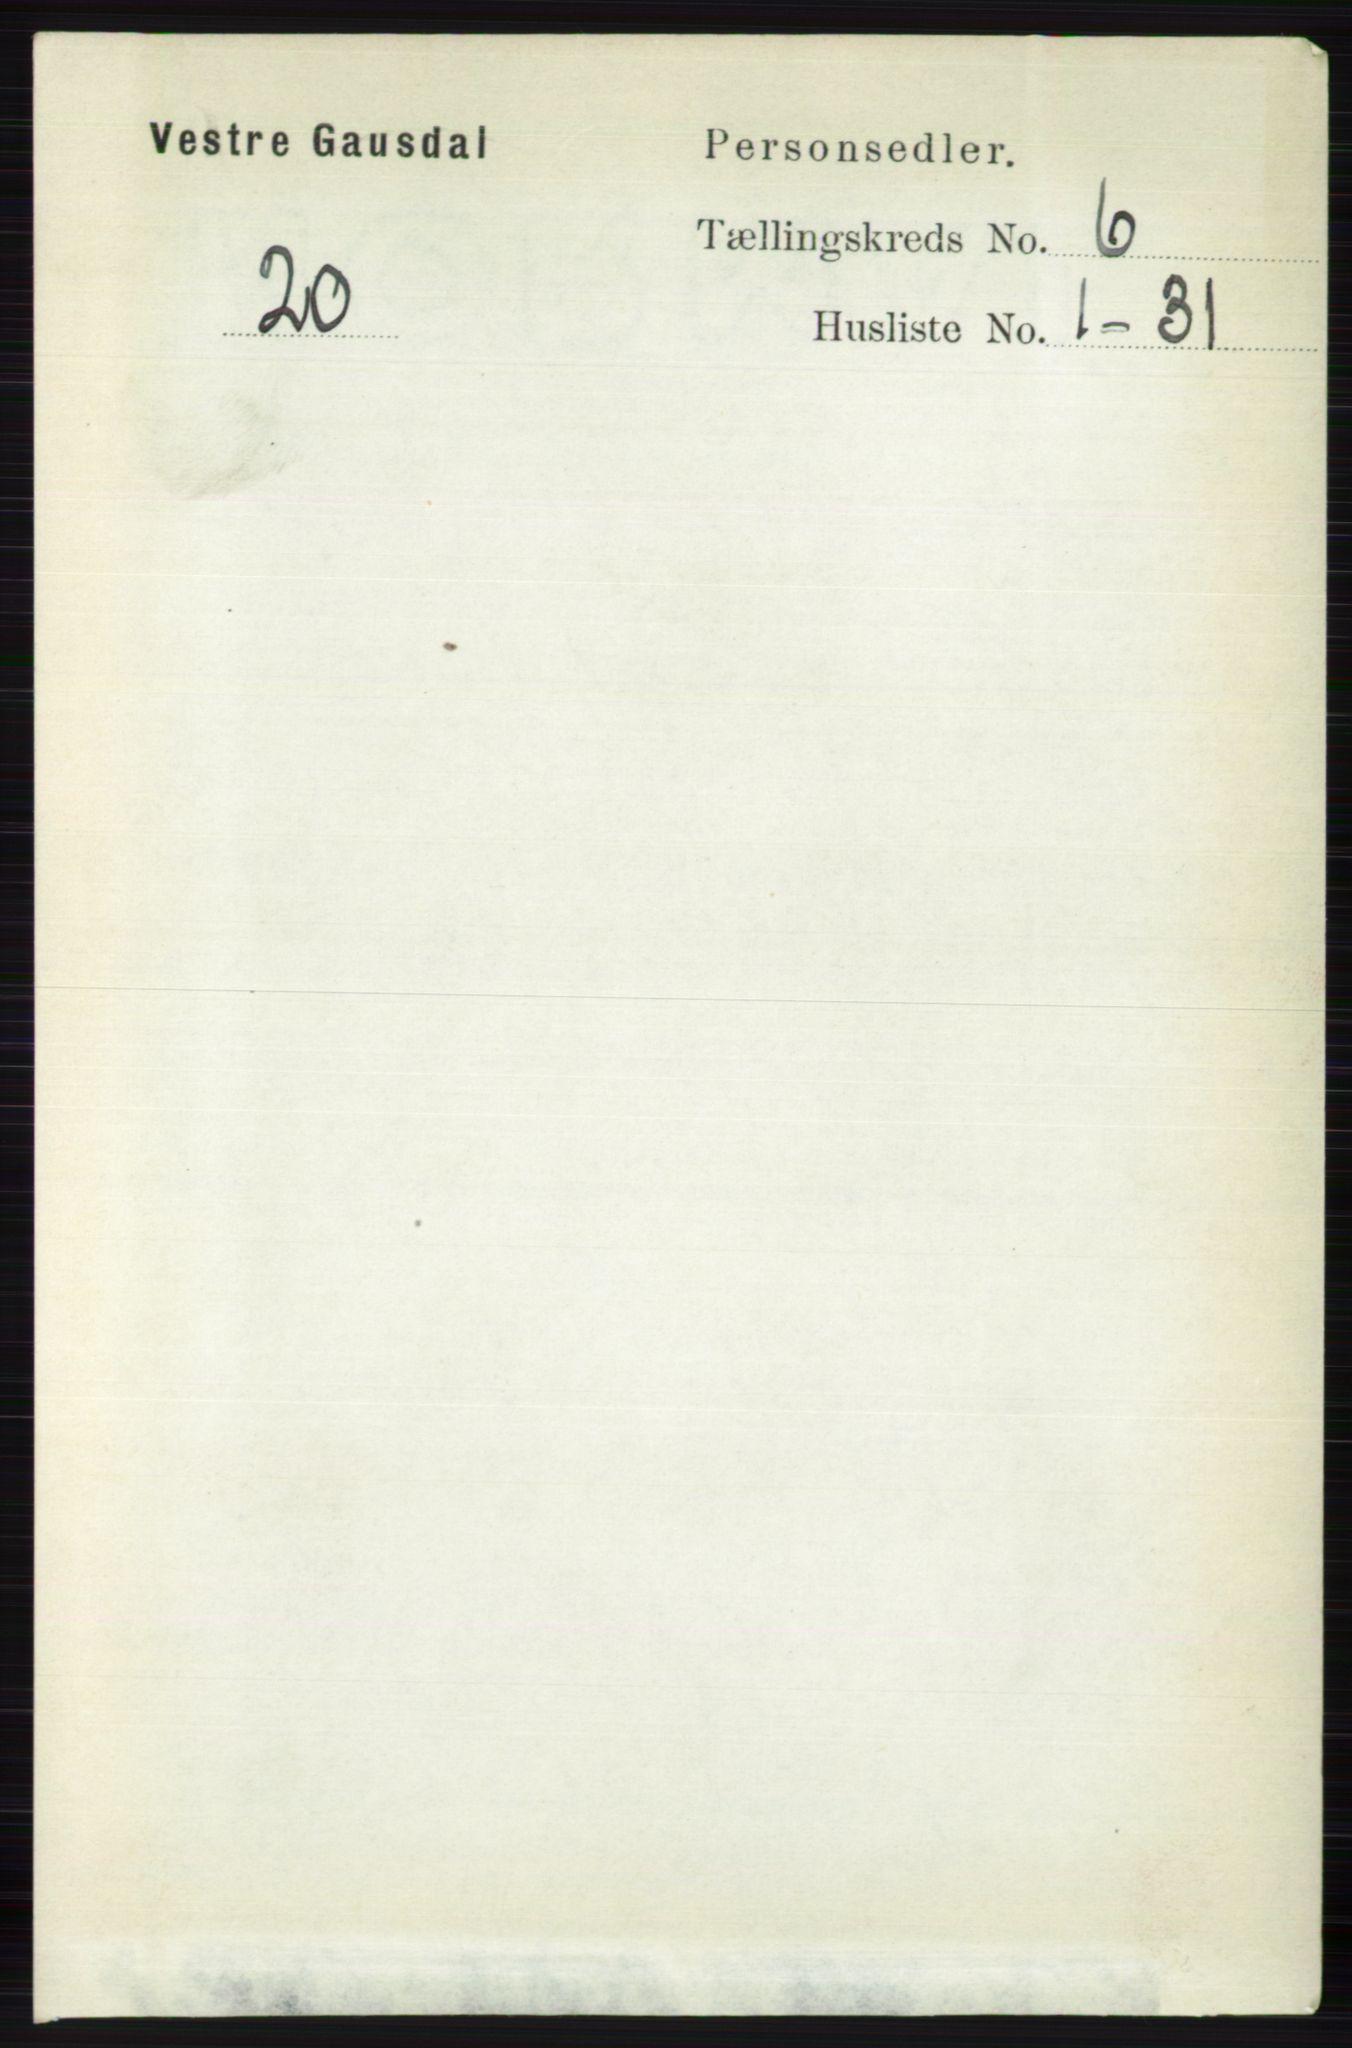 RA, Folketelling 1891 for 0523 Vestre Gausdal herred, 1891, s. 2553